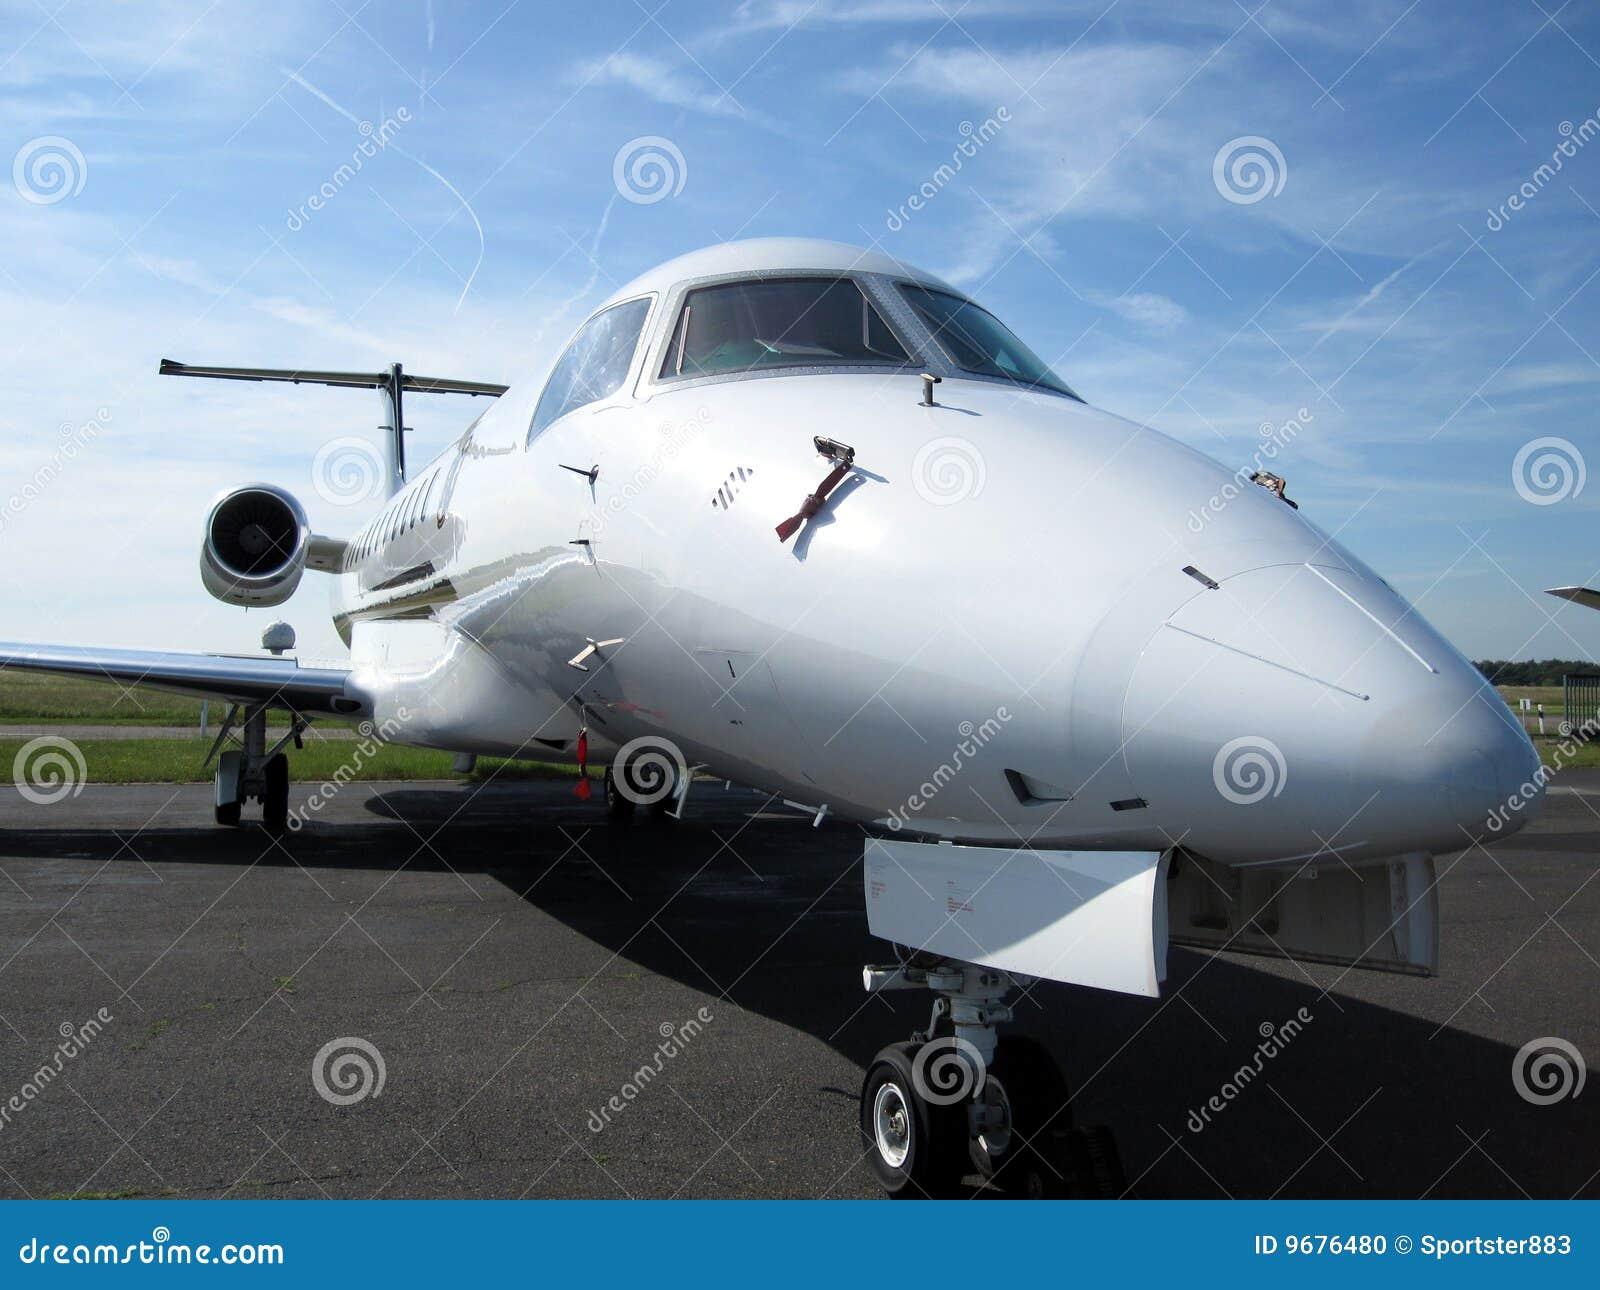 Commuter Aircraft Close Up